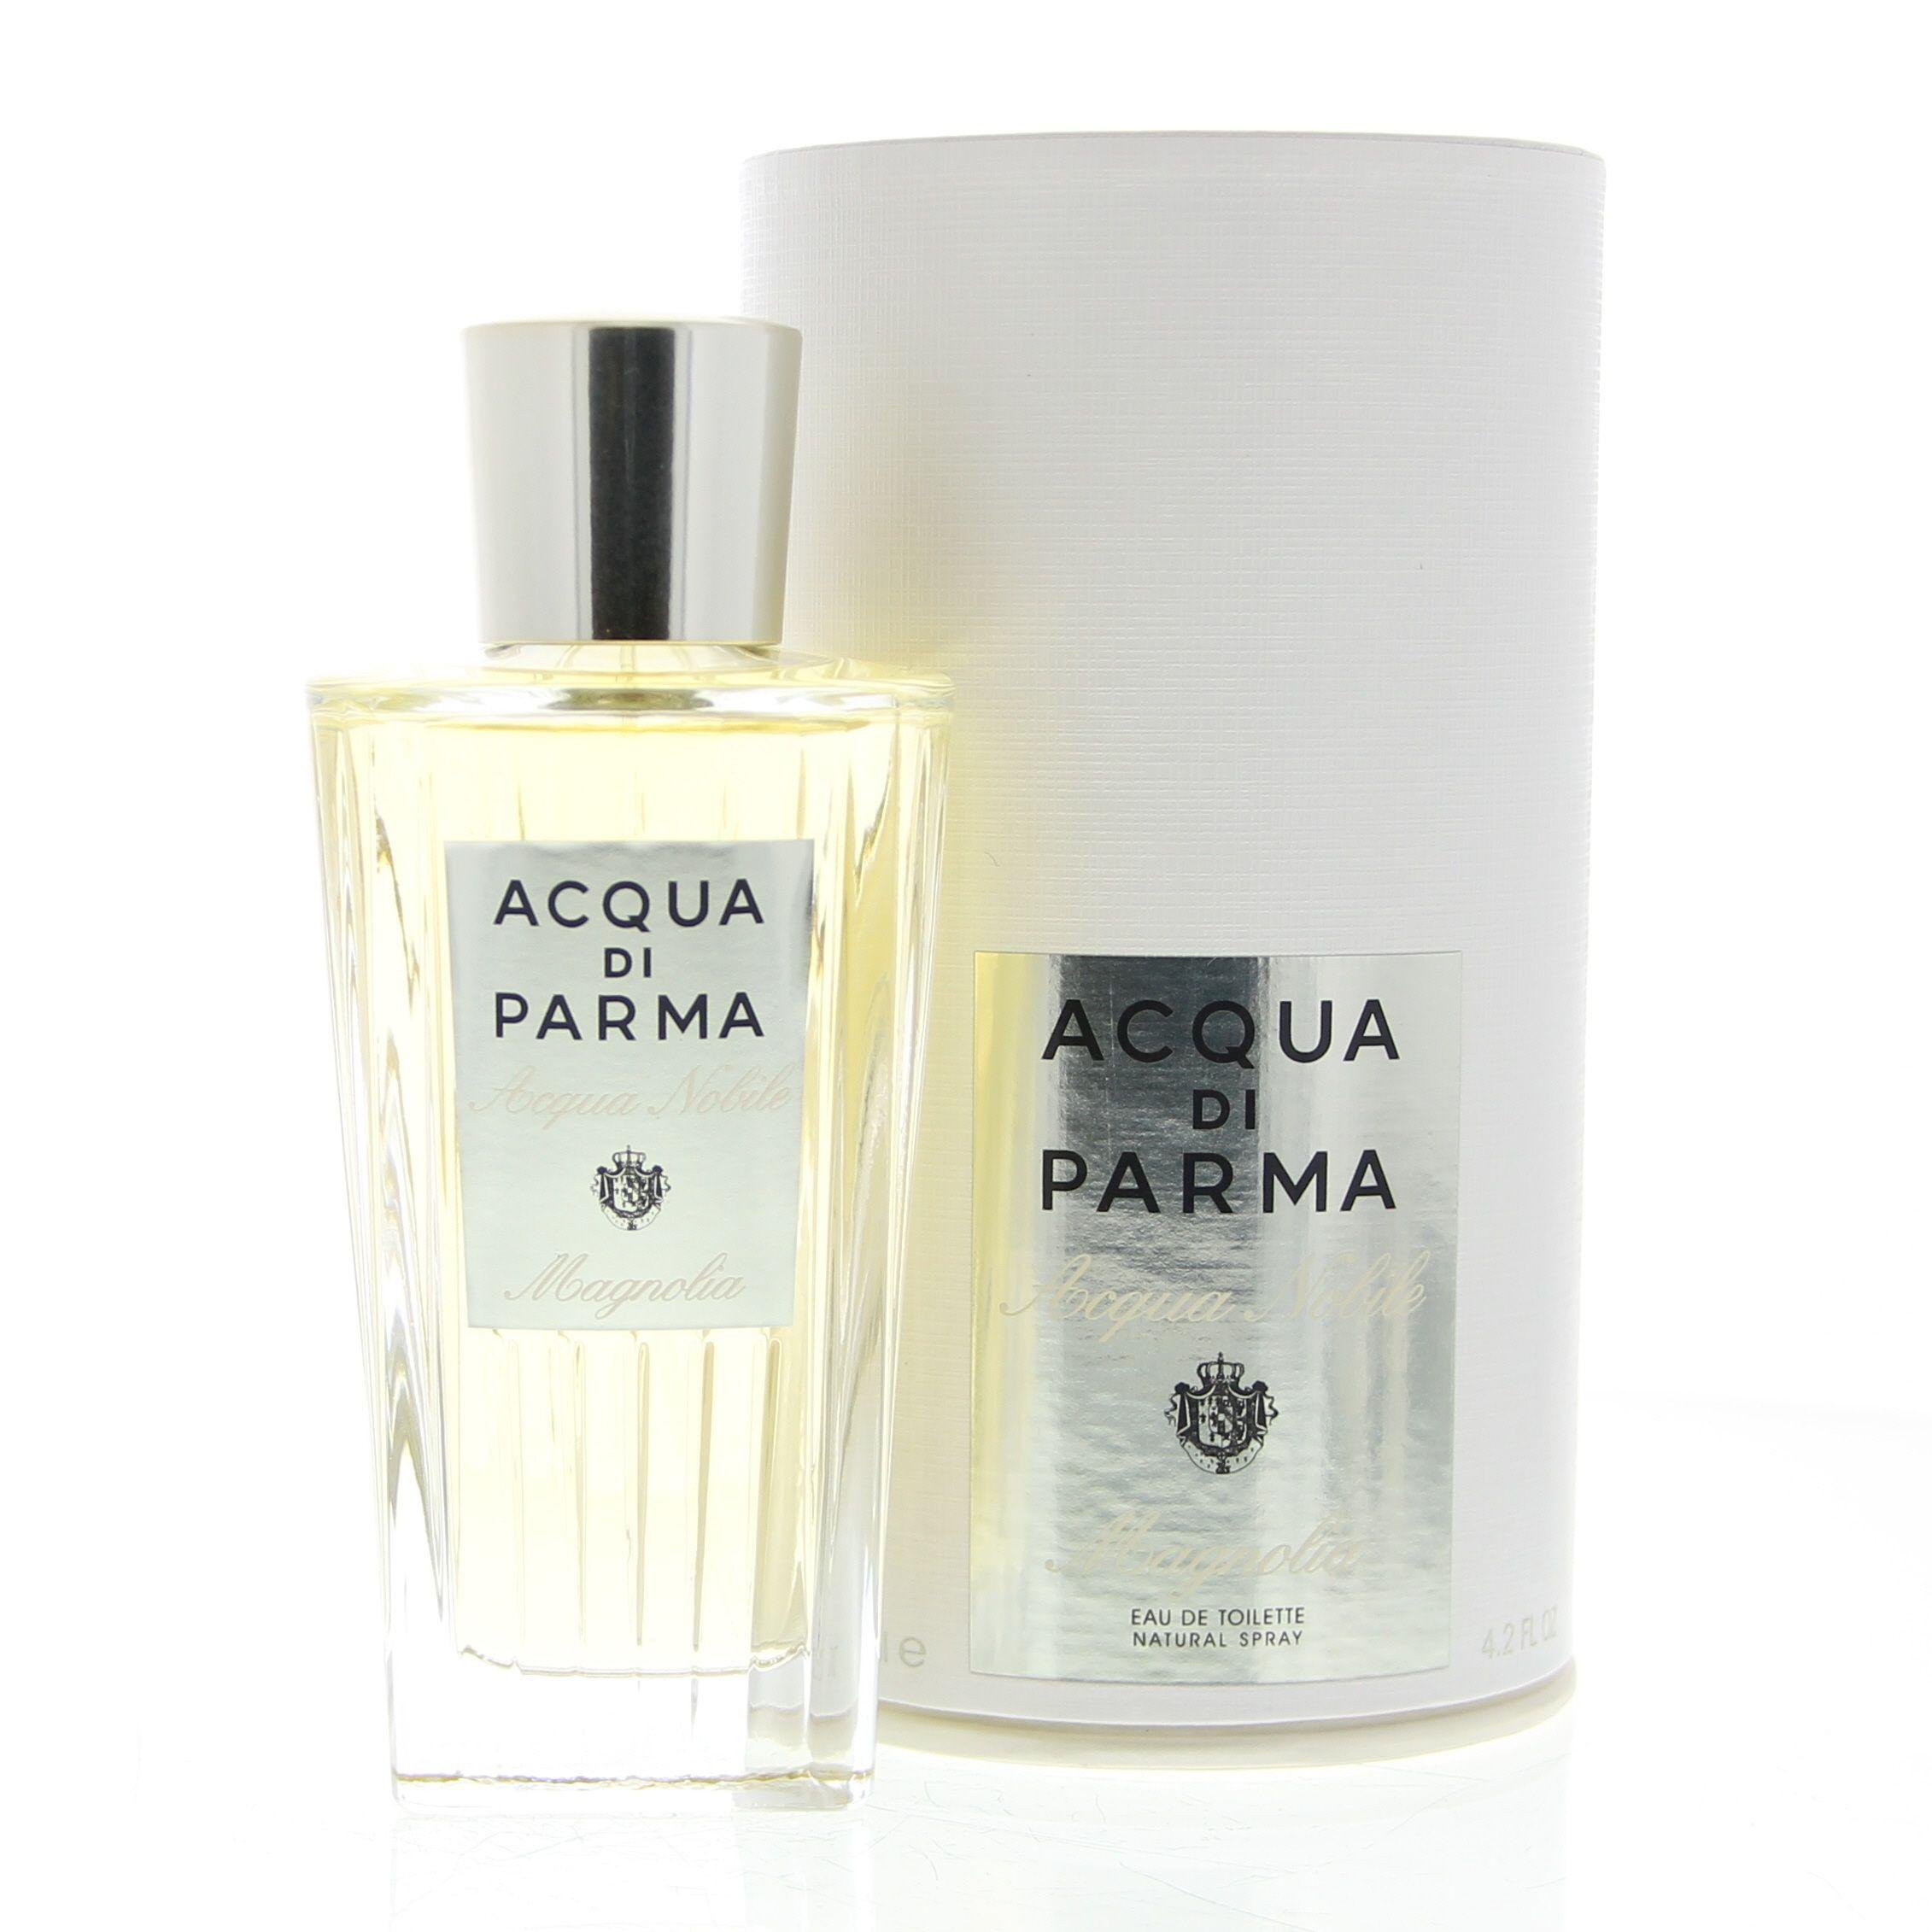 Acqua di Parma Acqua Nobile Magnolia Eau de Toilette Spray 125ml  Een zonne-geur die de majestueuze aard van Magnolia knoppen onthult. Een heldere prelude van citrusvruchten zoals bergamot mandarijn citrus en citroen embellised door de vitaliteit van Neroli. De mix van Lily van de vallei en Fressia onthullen de betoverende en delicate kenmerken van de Magnolia bloem. De frisse en elegante geur evolueert uiteindelijk in zachte nuances van jasmijn en oranje bloemen. De geur sluit met een basis…